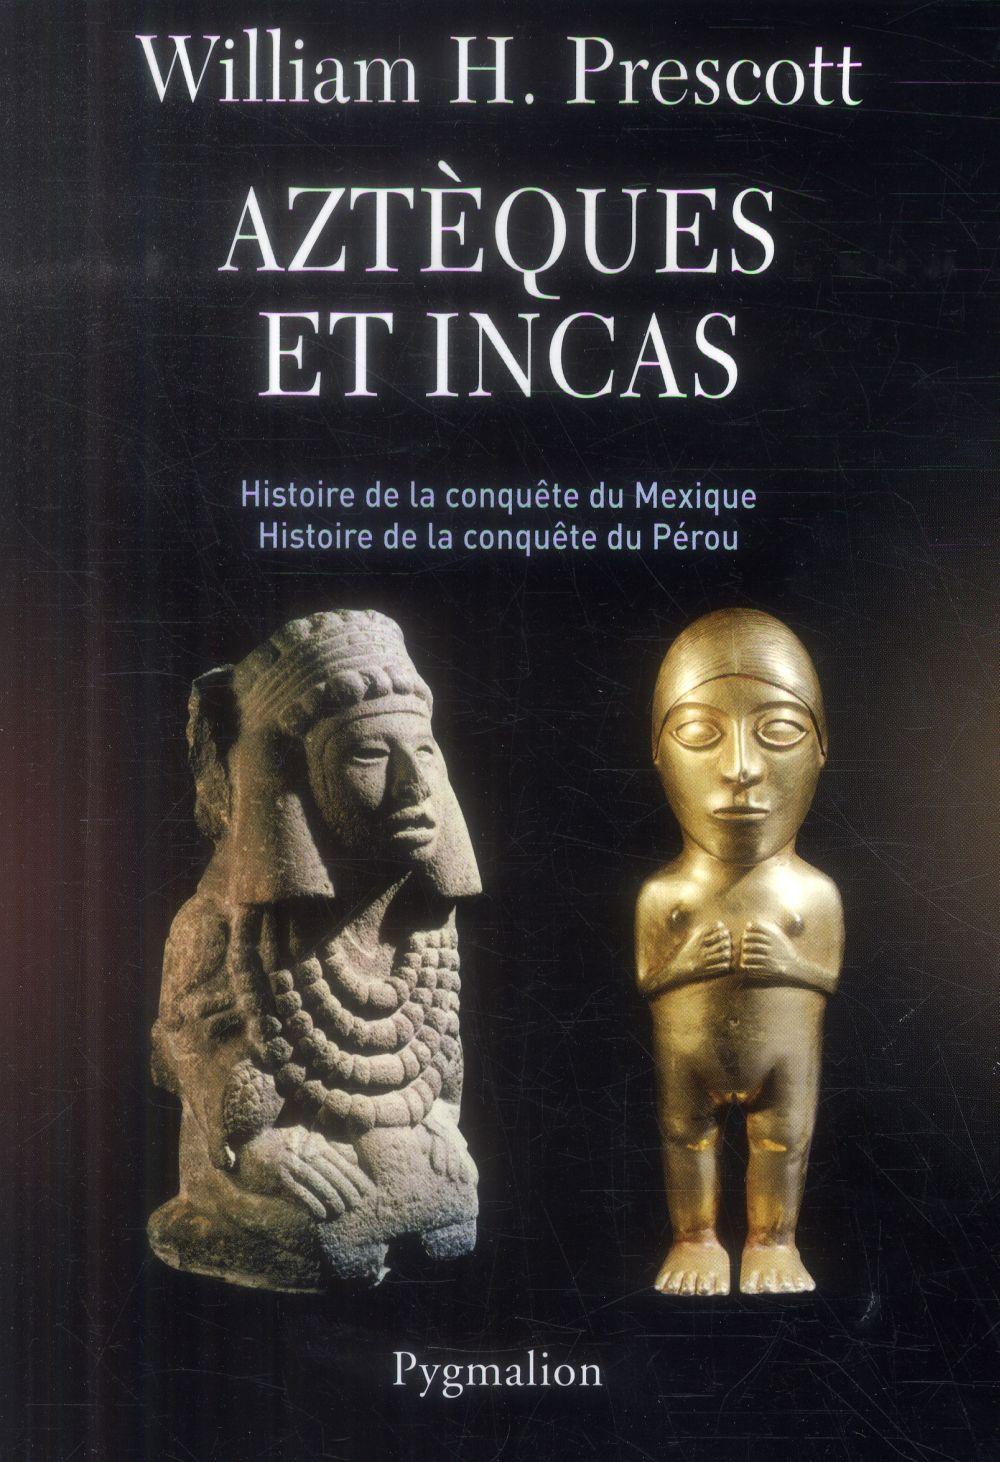 Aztèques et Incas ; histoire de la conquête du Mexique, histoire de la conquête du Pérou